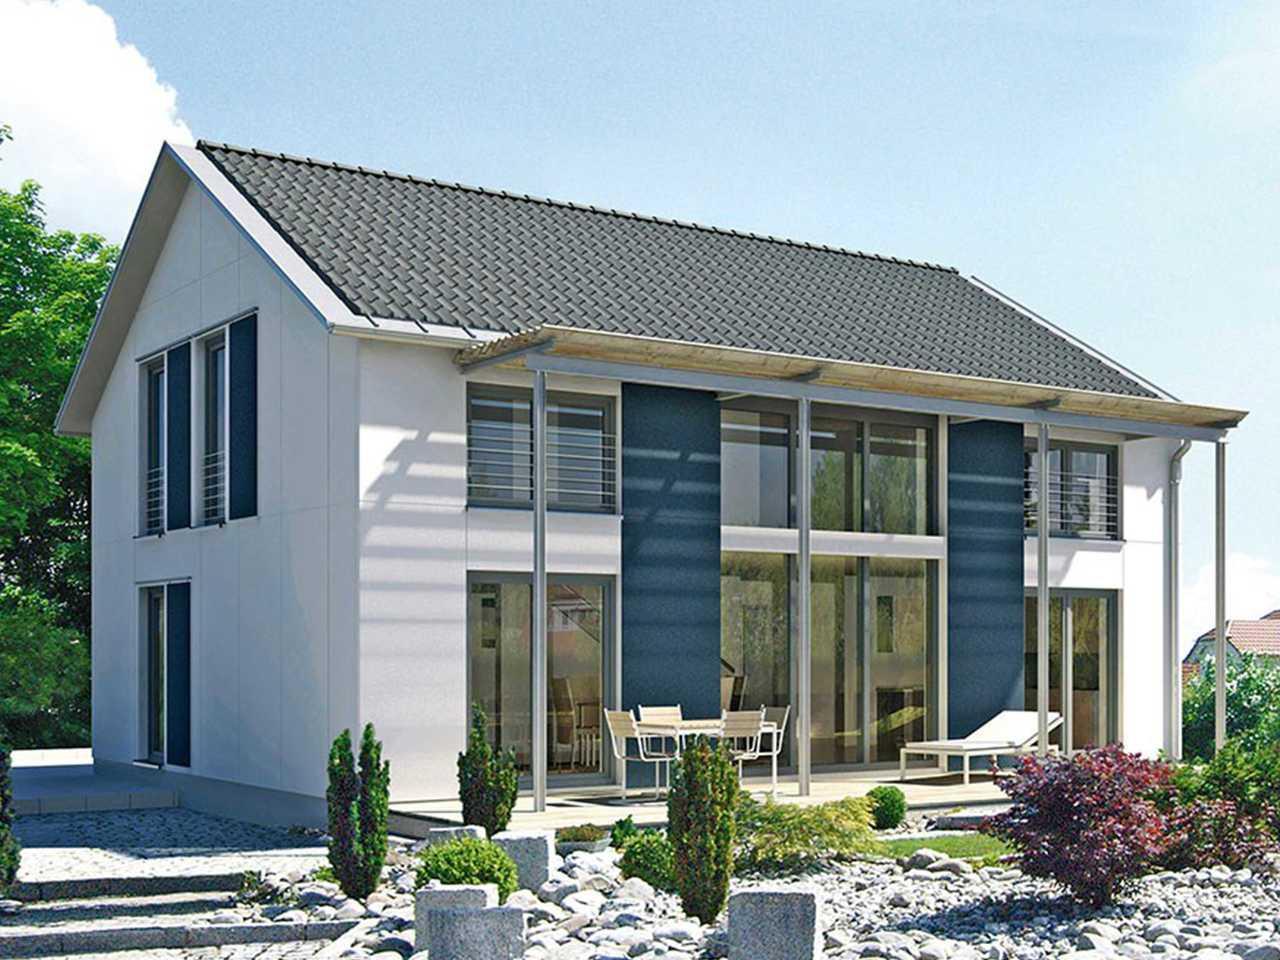 Kitzlinger Haus Passivo